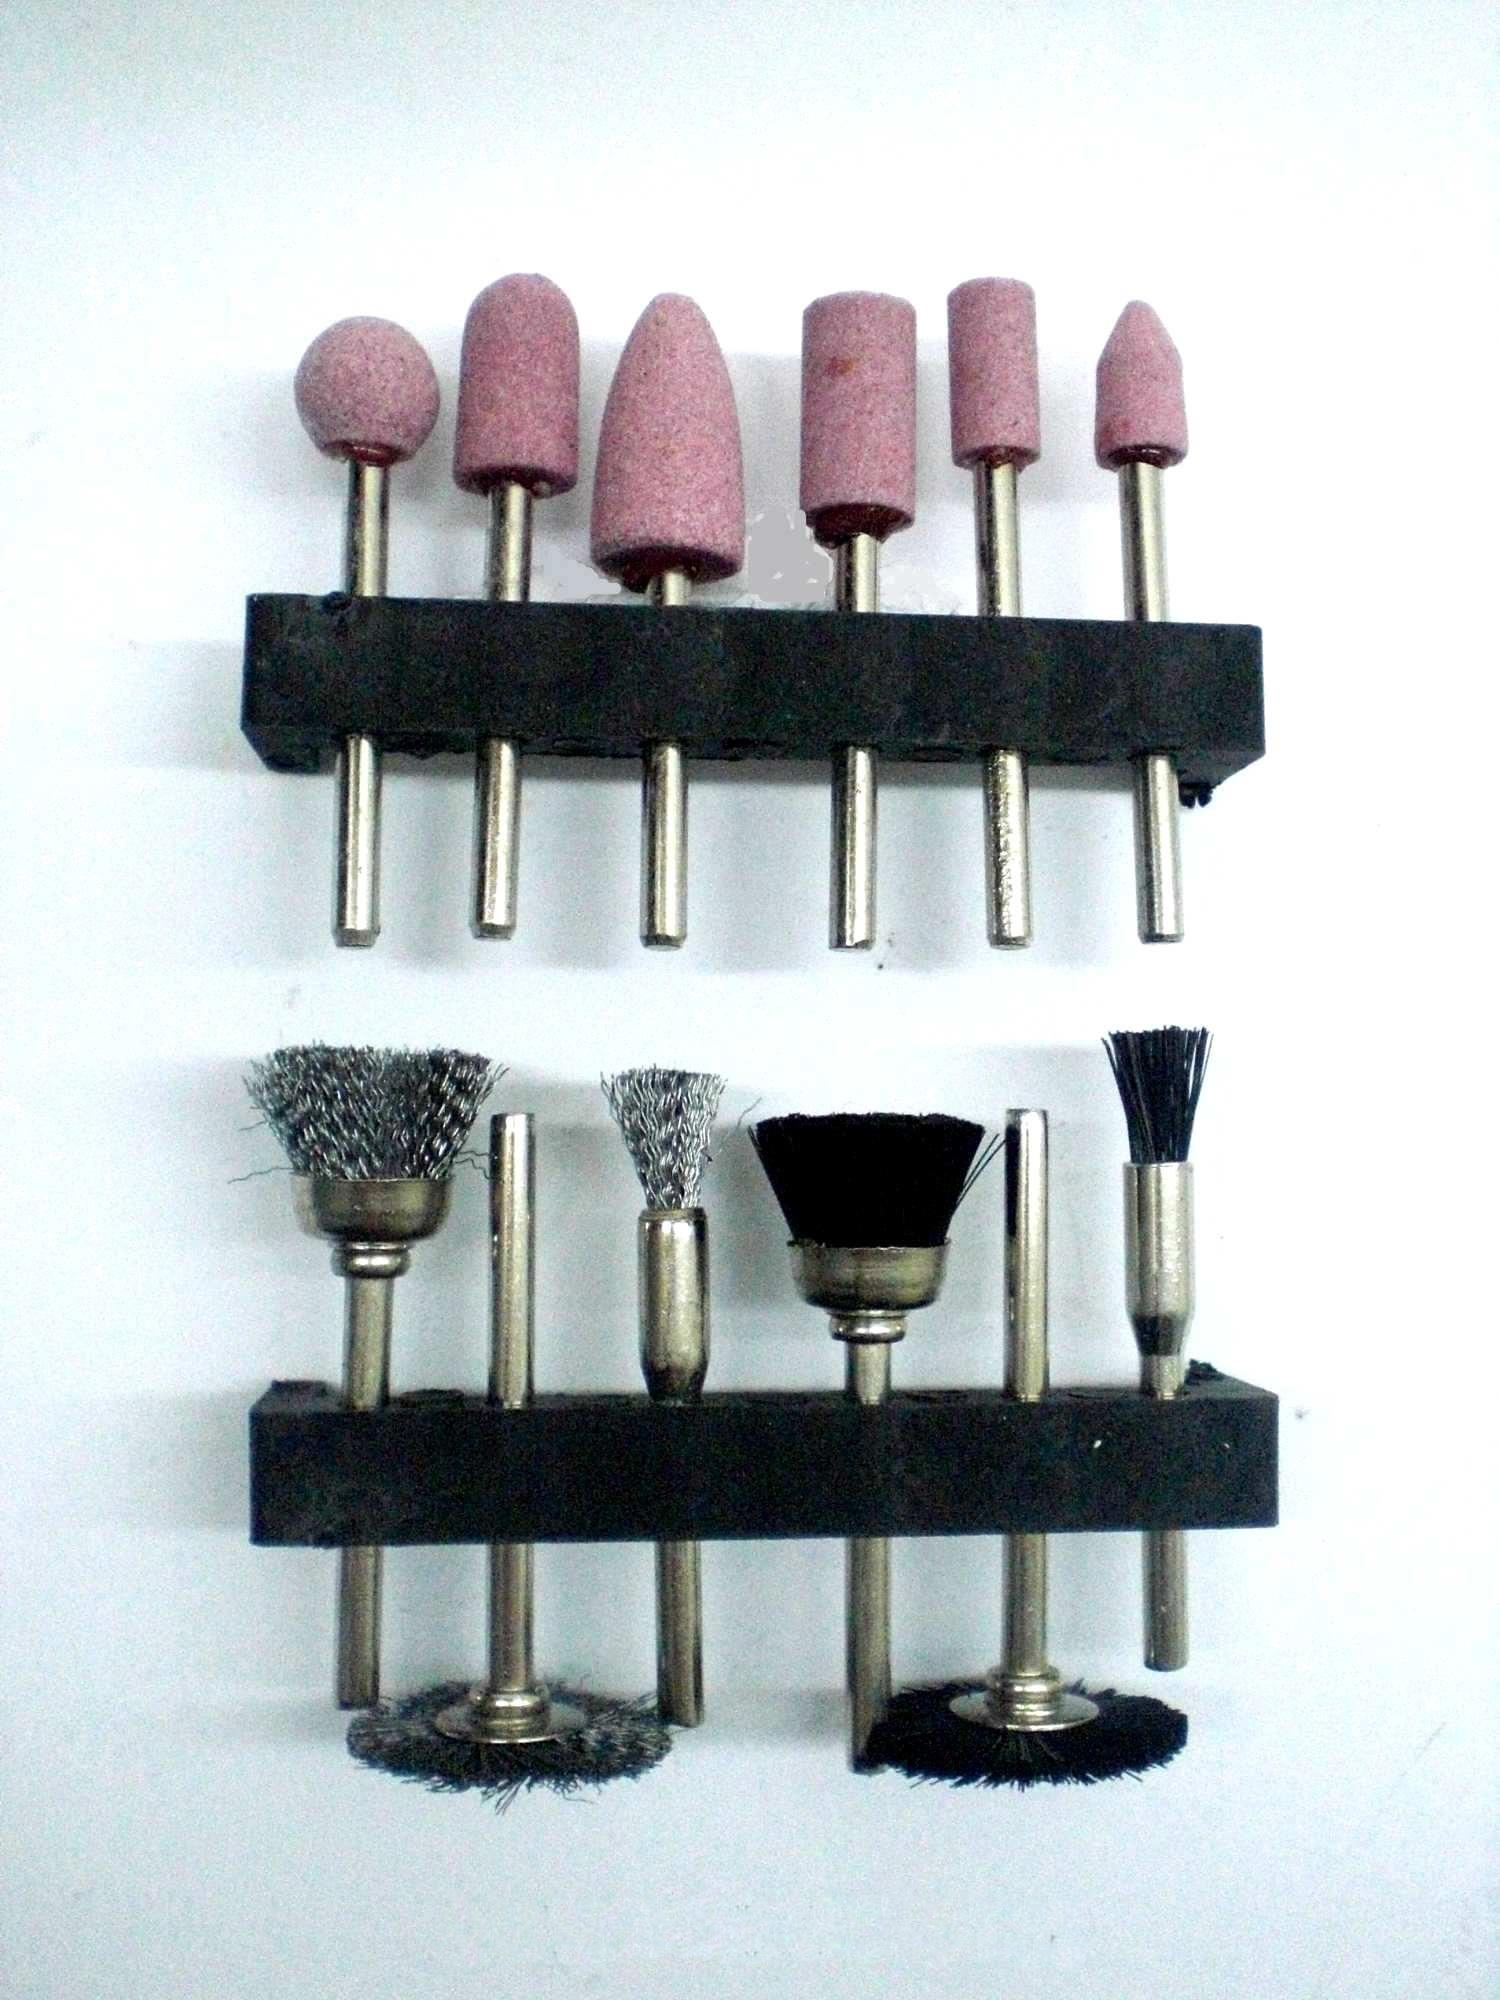 schleifsatz pour perceuse avec brosses m talliques. Black Bedroom Furniture Sets. Home Design Ideas